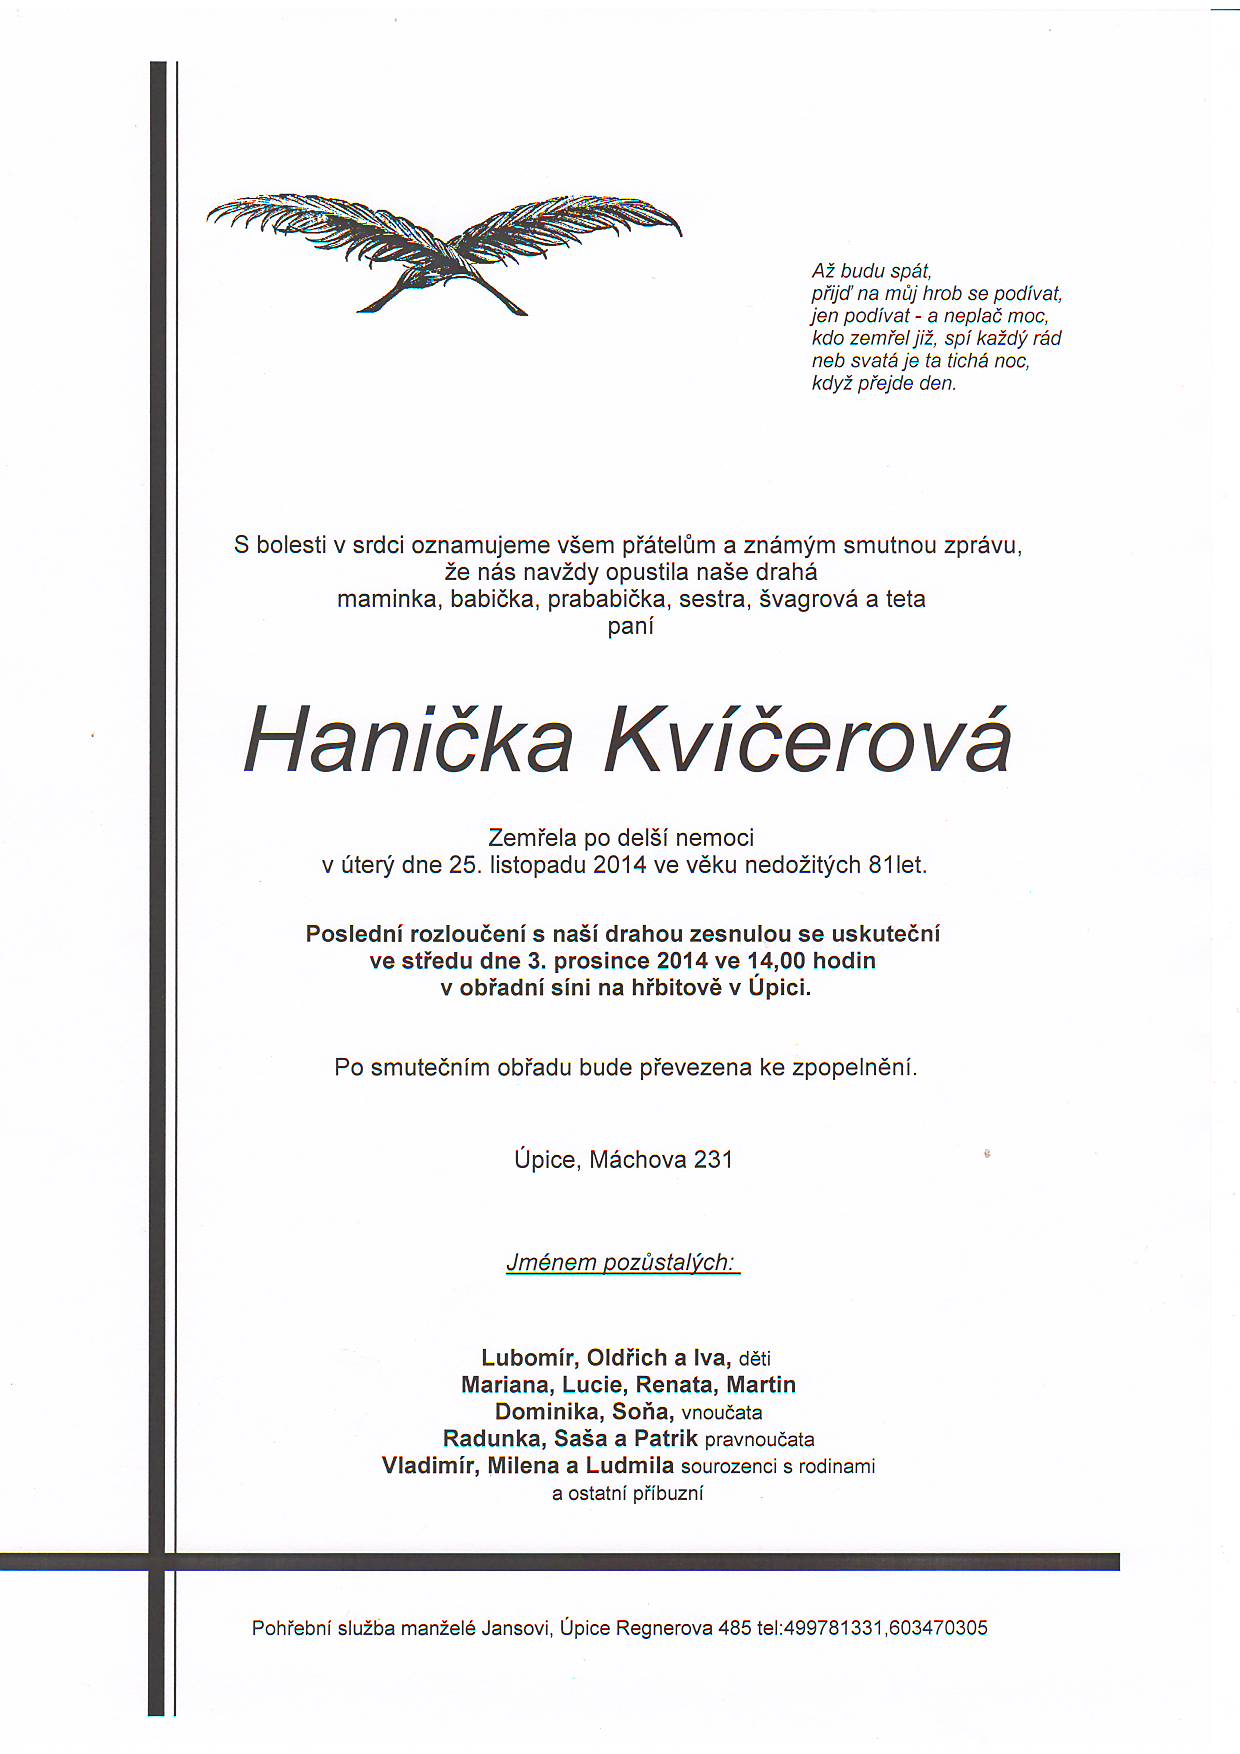 07_kvicerova_hanicka